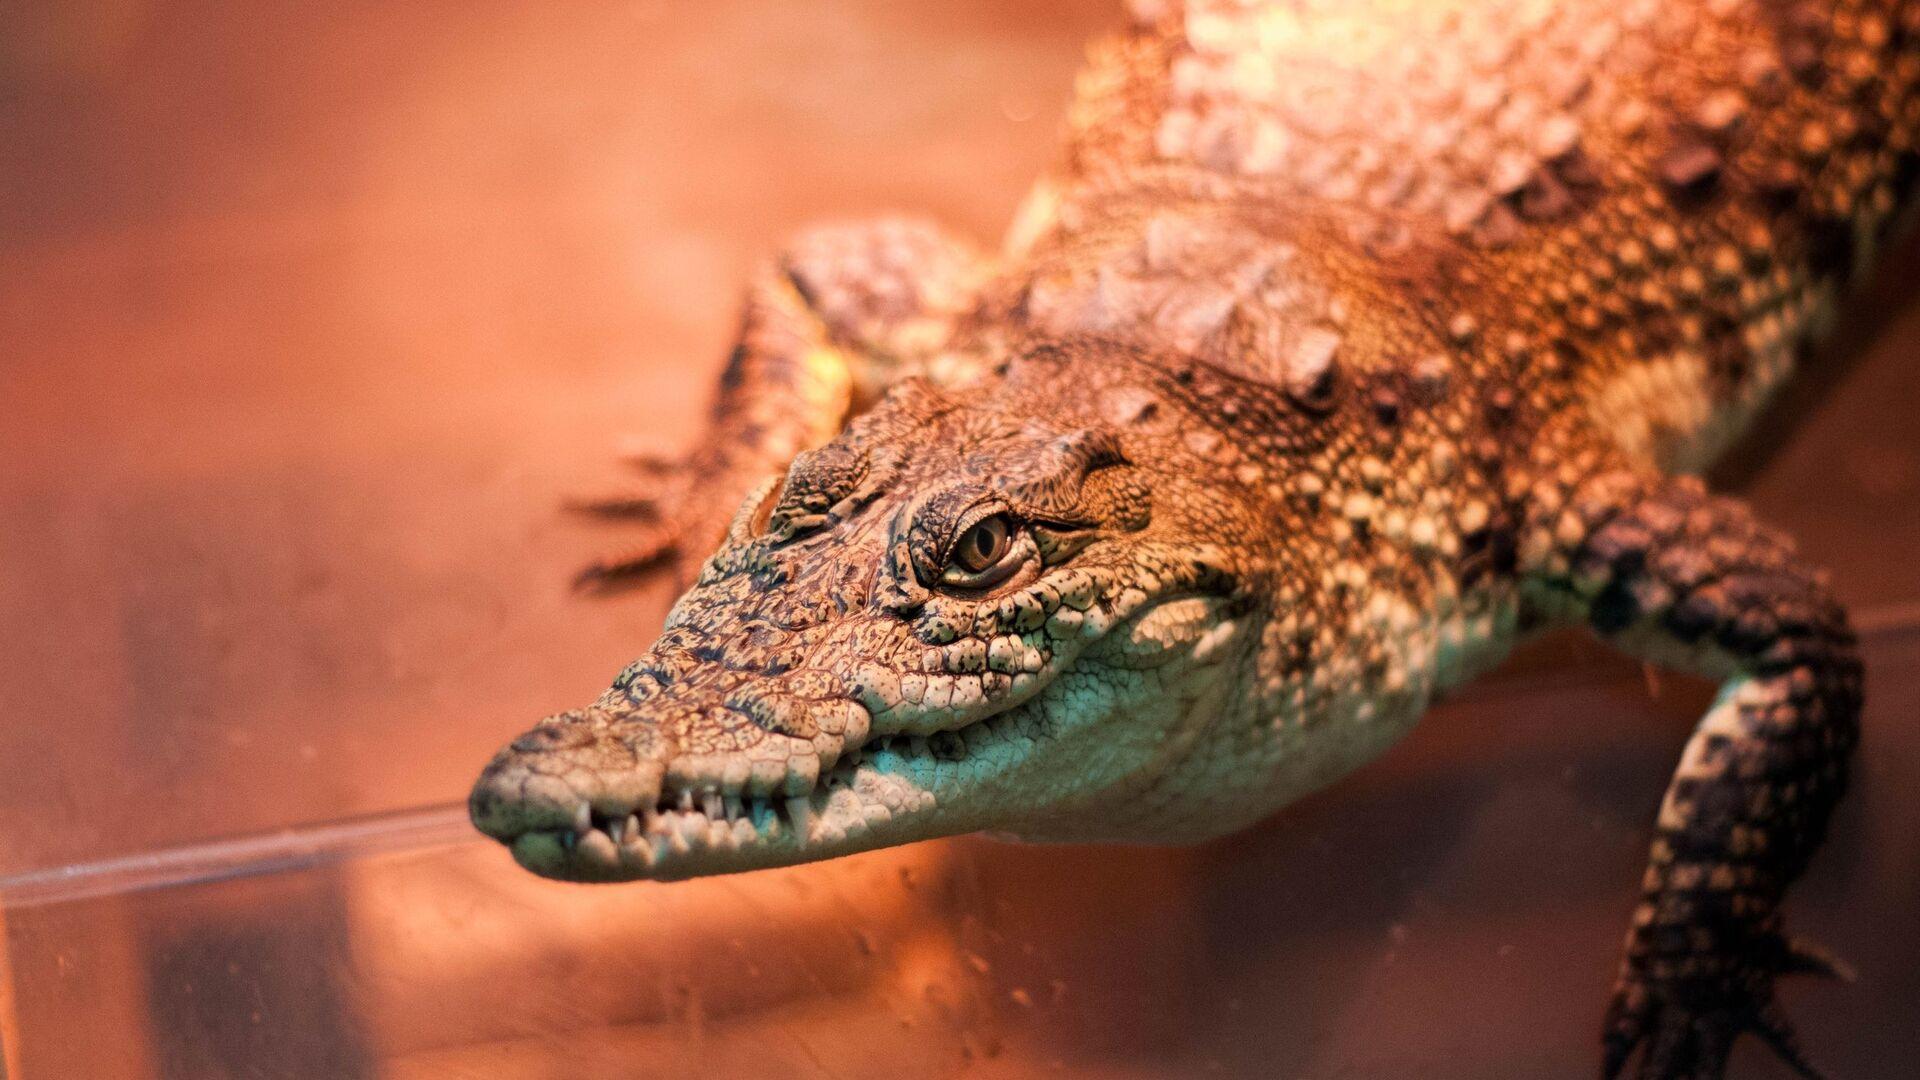 Крокодил, которого нашли на помойке - РИА Новости, 1920, 08.07.2020